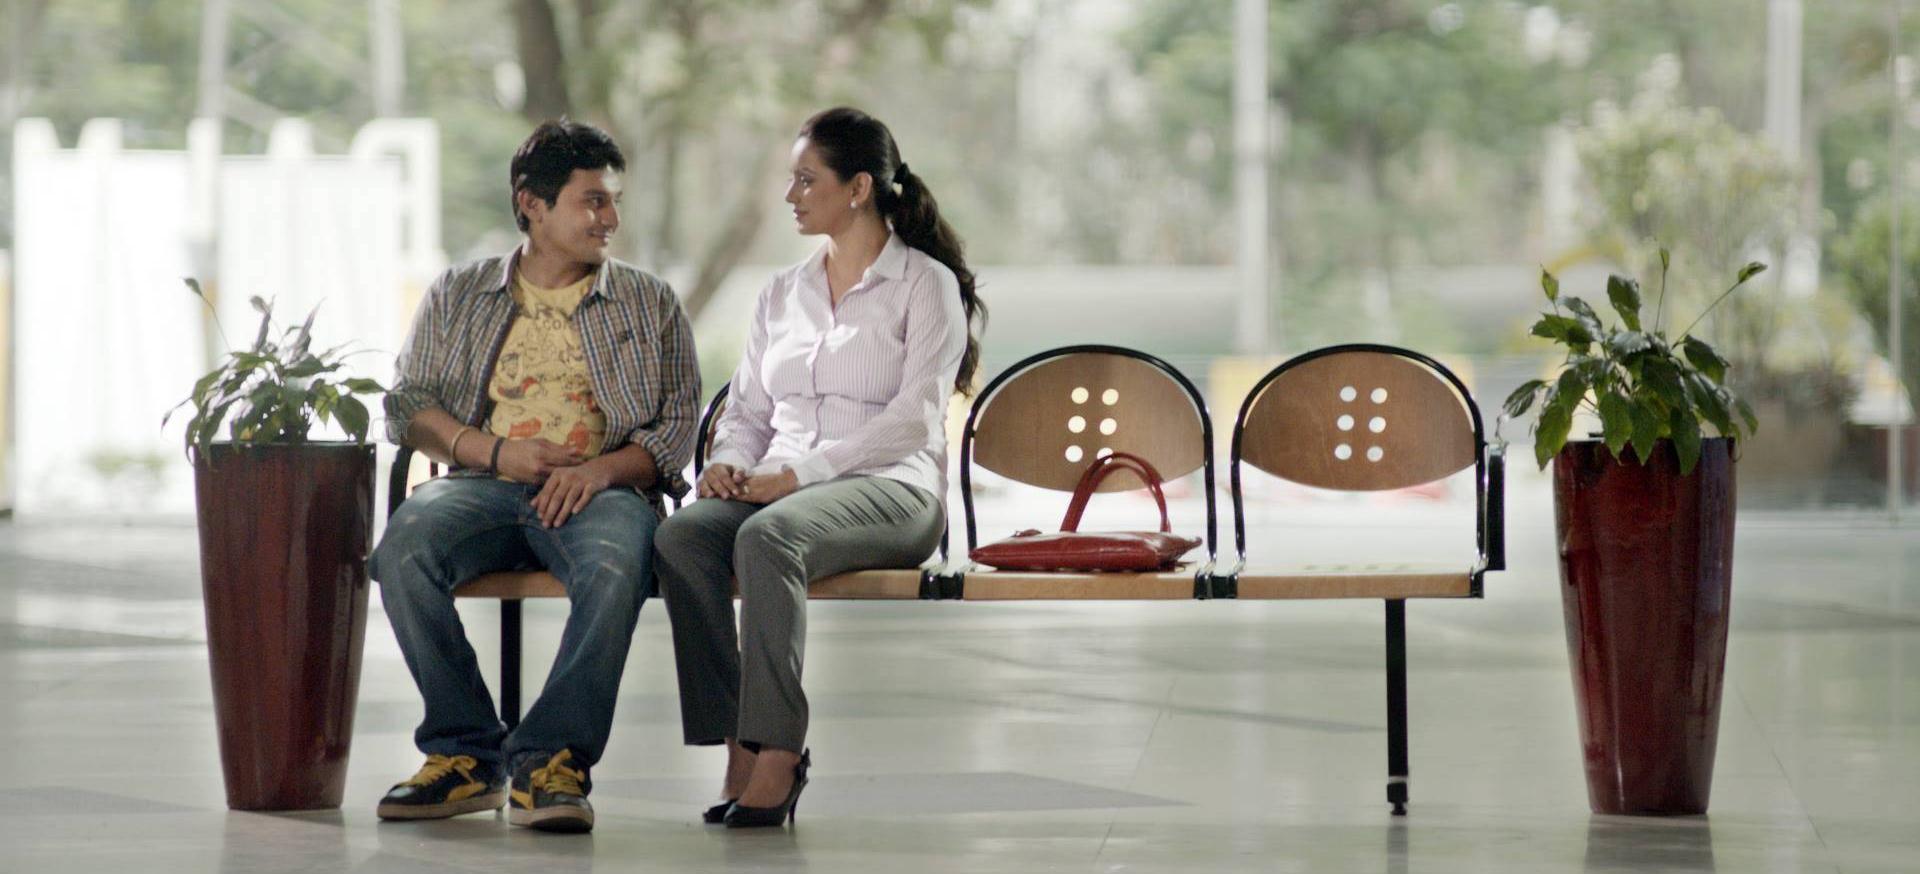 f14tujhi majhi love story marathi movie